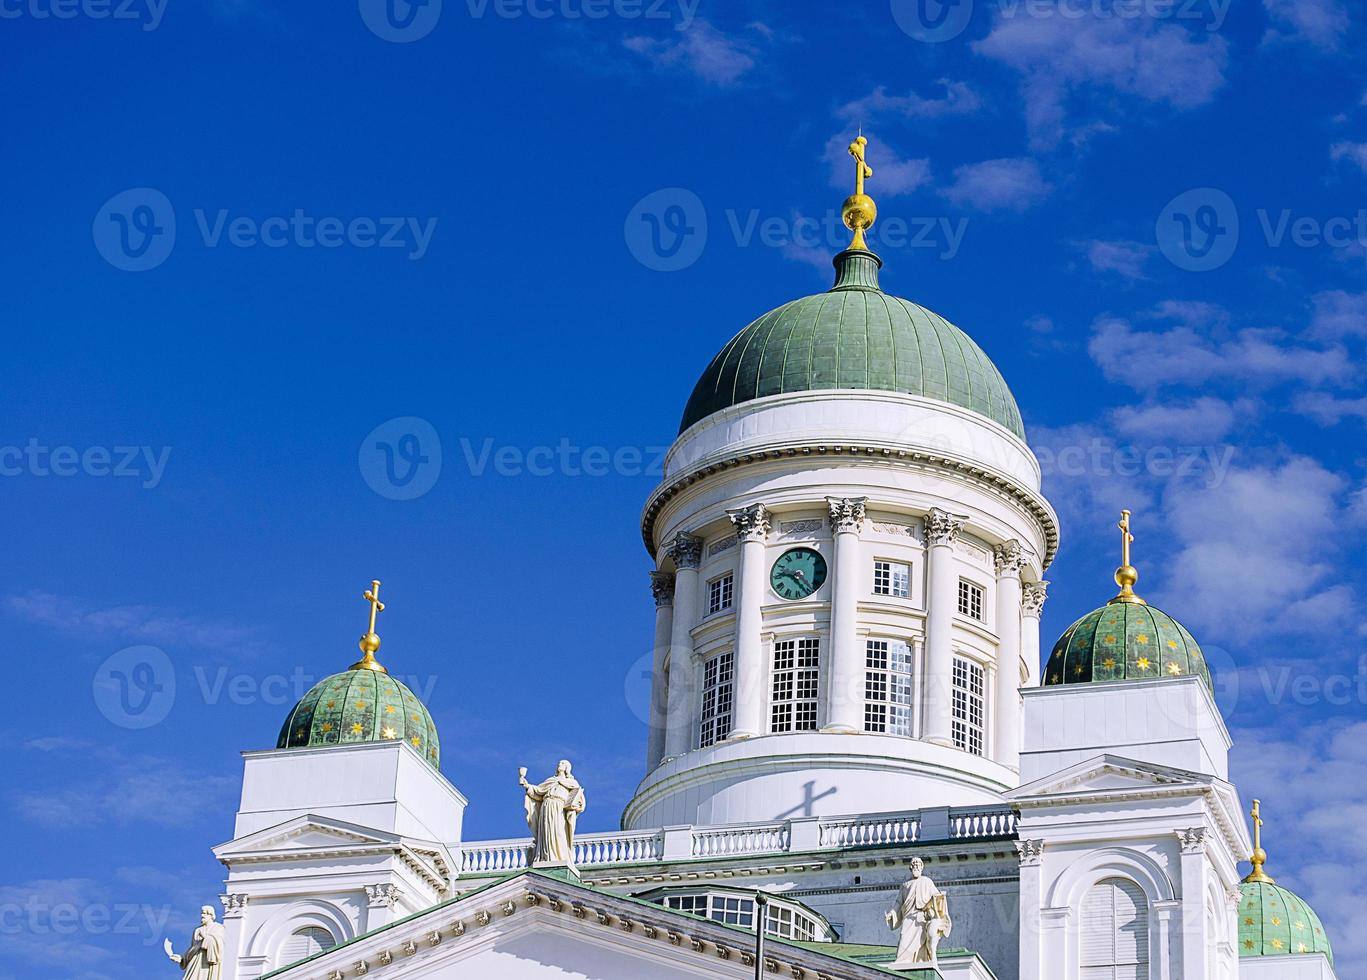 cattedrale di s. nicola. Chiesa. foto